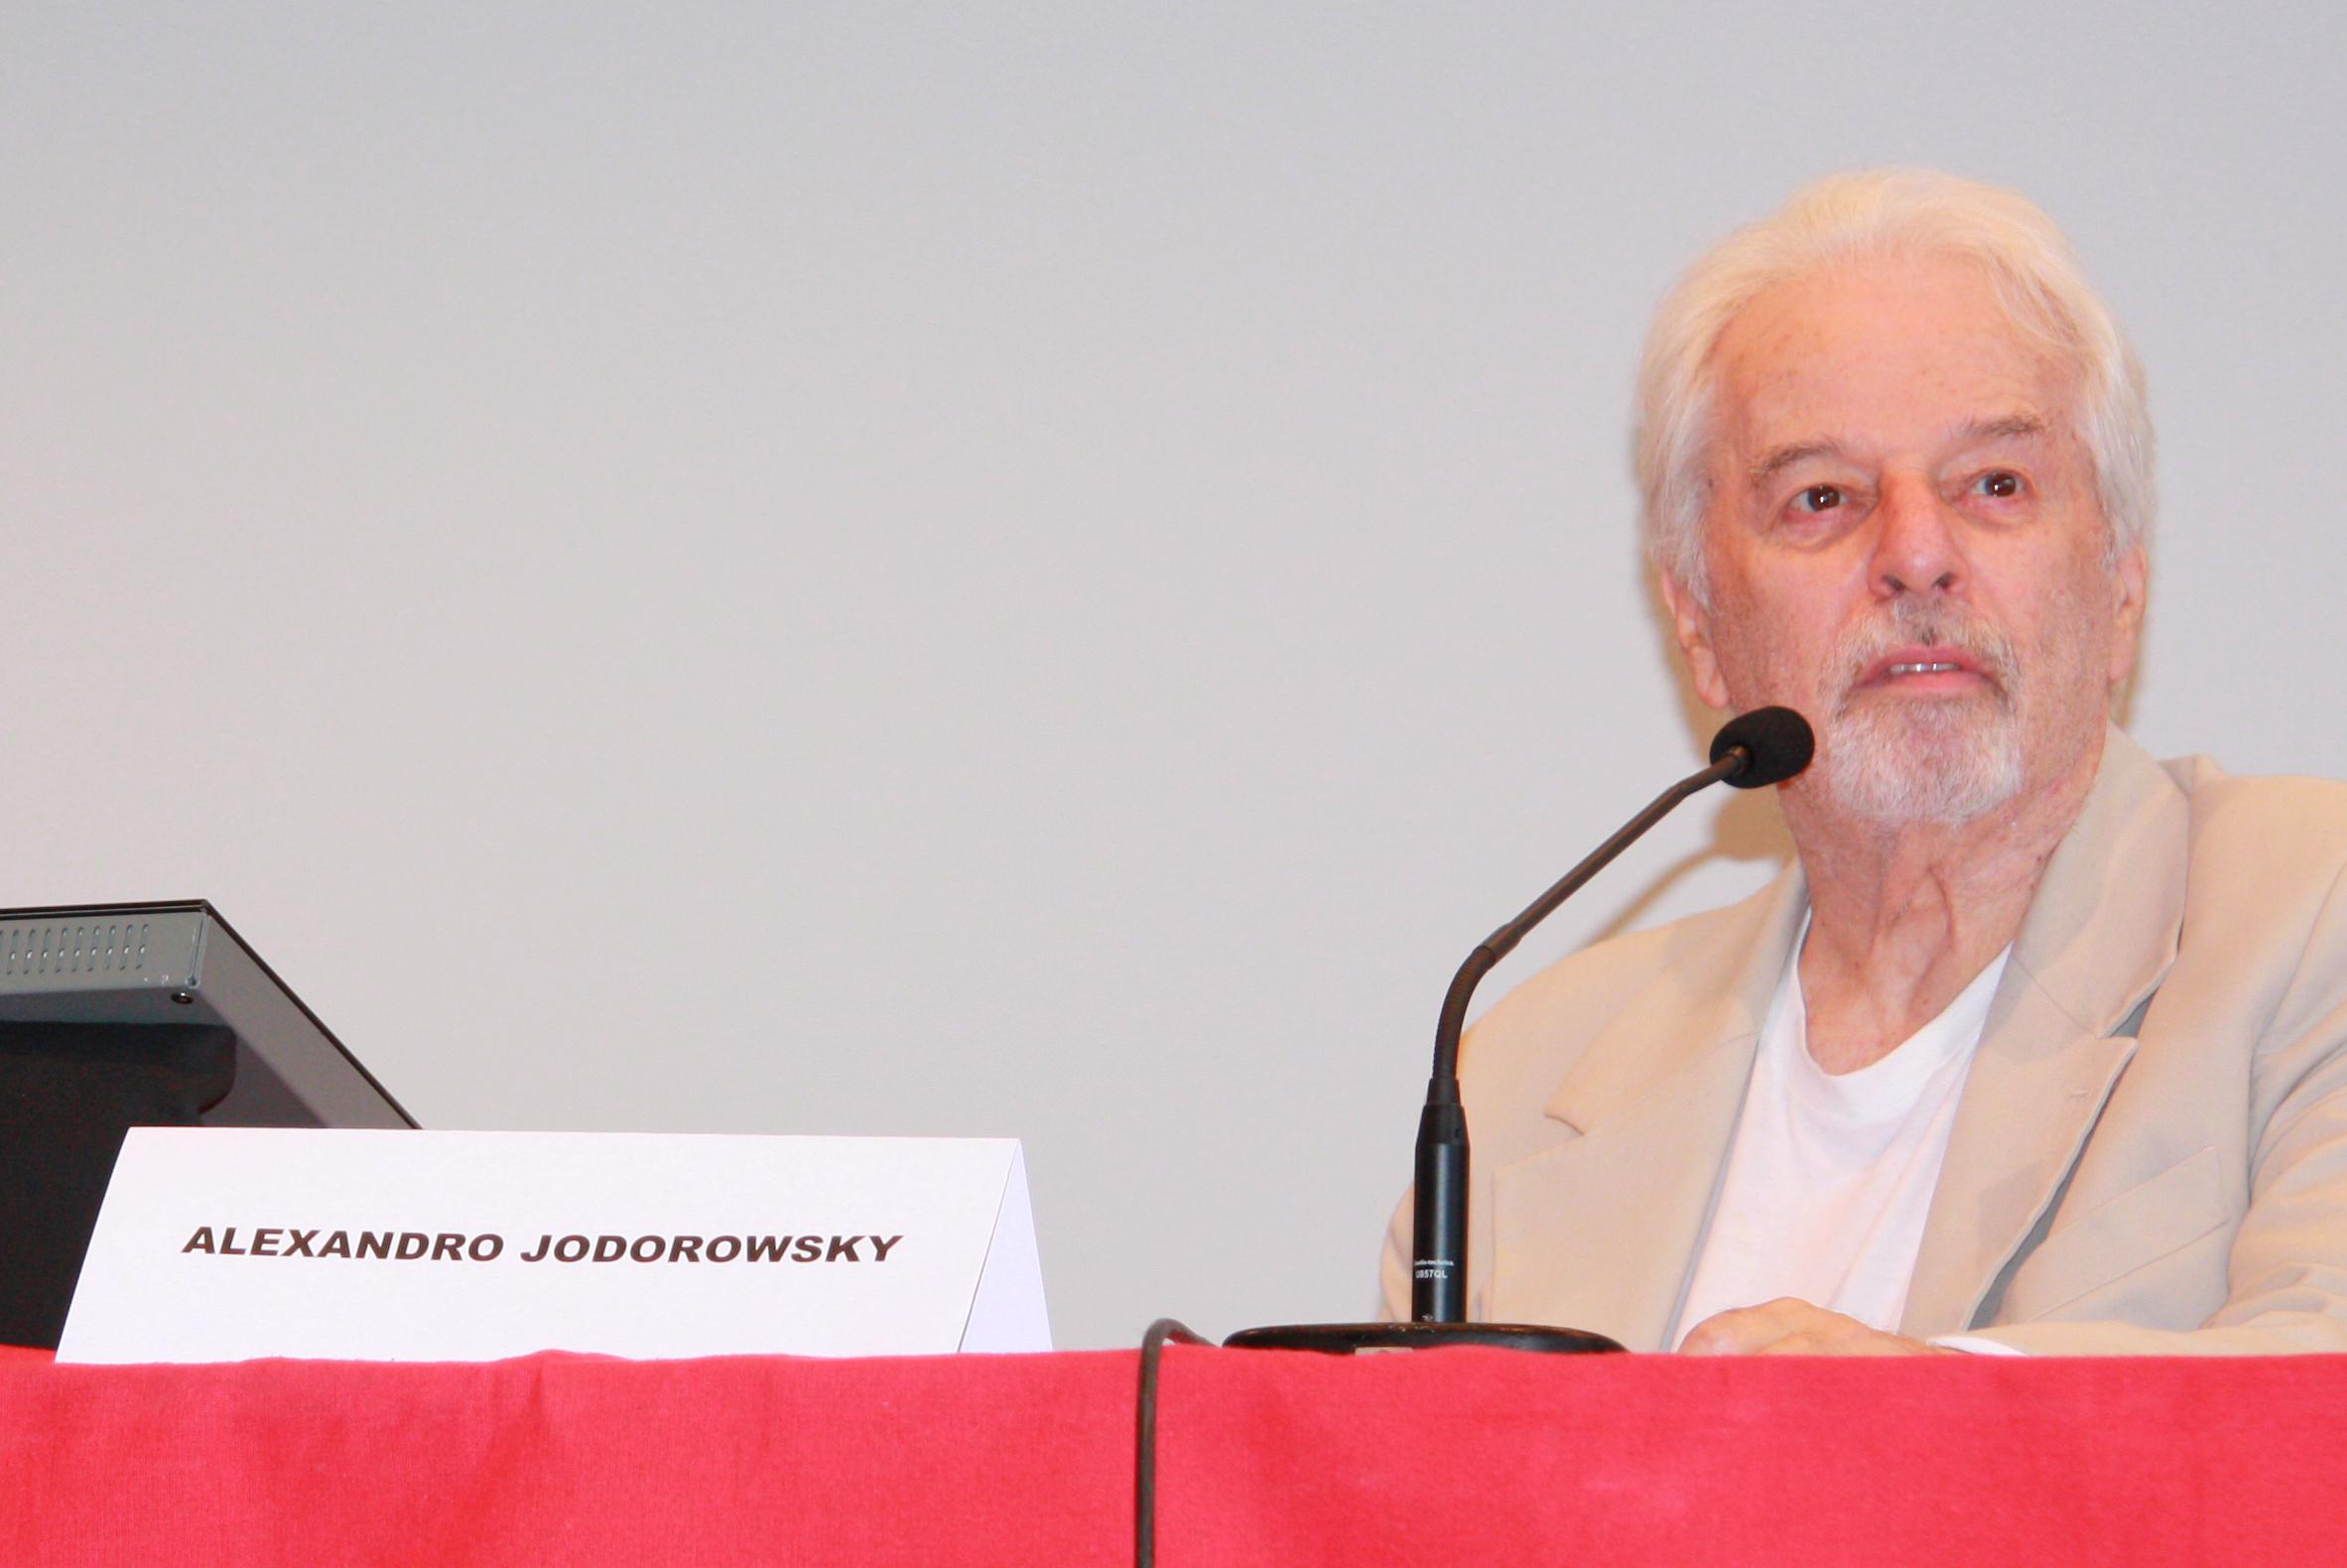 """Alexandro """"Ojo d'Oro"""" Jodorowsky Prullanski nació el 17 de febrero de 1929 en Tocopilla, Región de Antofagasta, en Chile."""